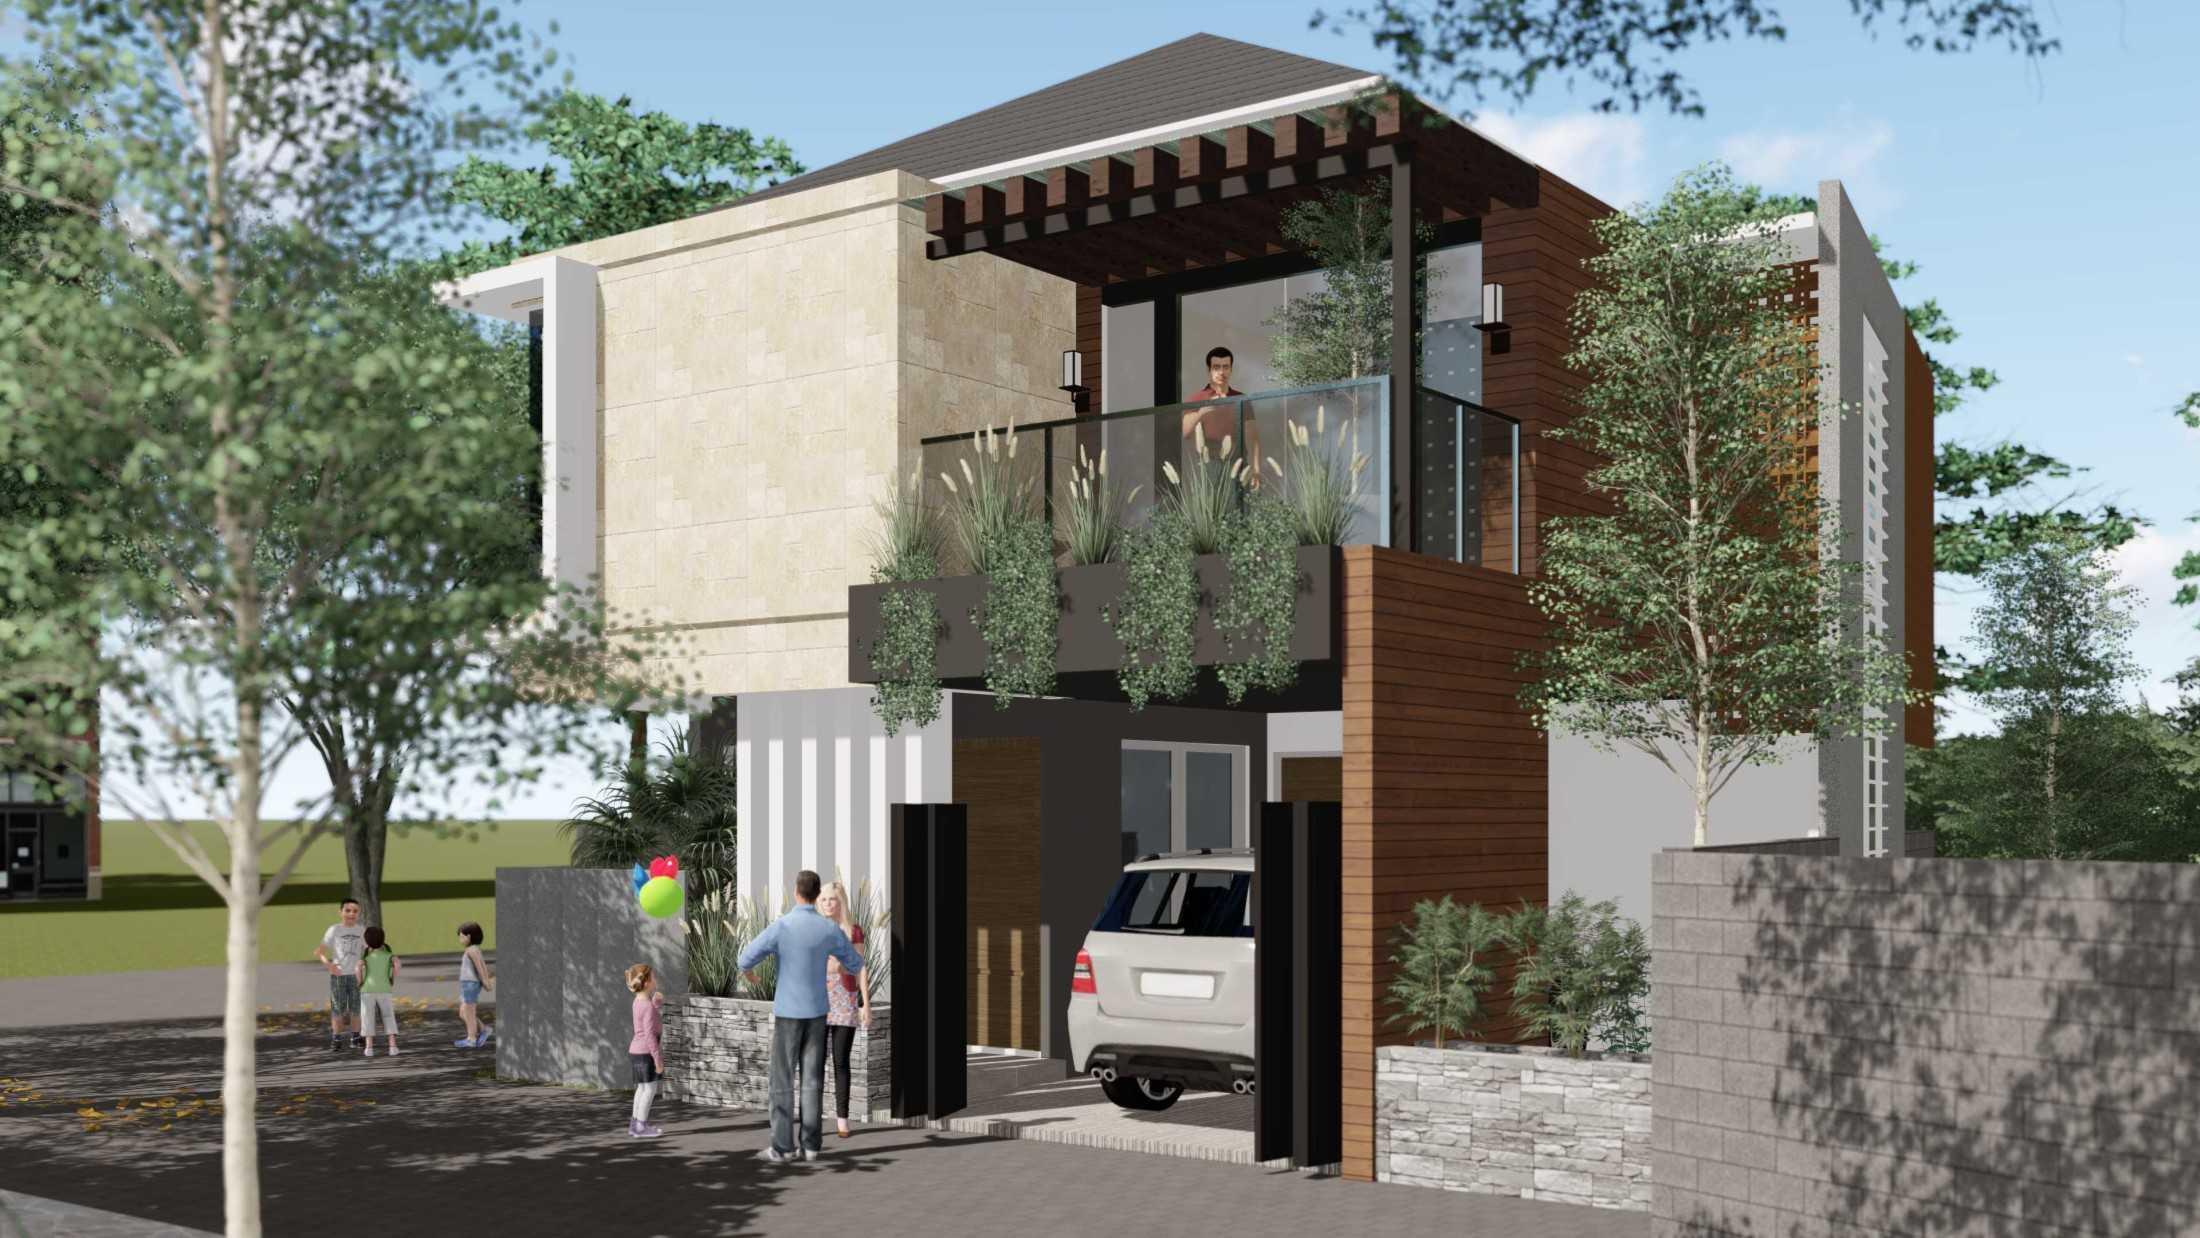 R+ Studio Rumah Y Salatiga Salatiga, Kota Salatiga, Jawa Tengah, Indonesia Salatiga, Kota Salatiga, Jawa Tengah, Indonesia R-Studio-Rumah-Y-Salatiga  84696